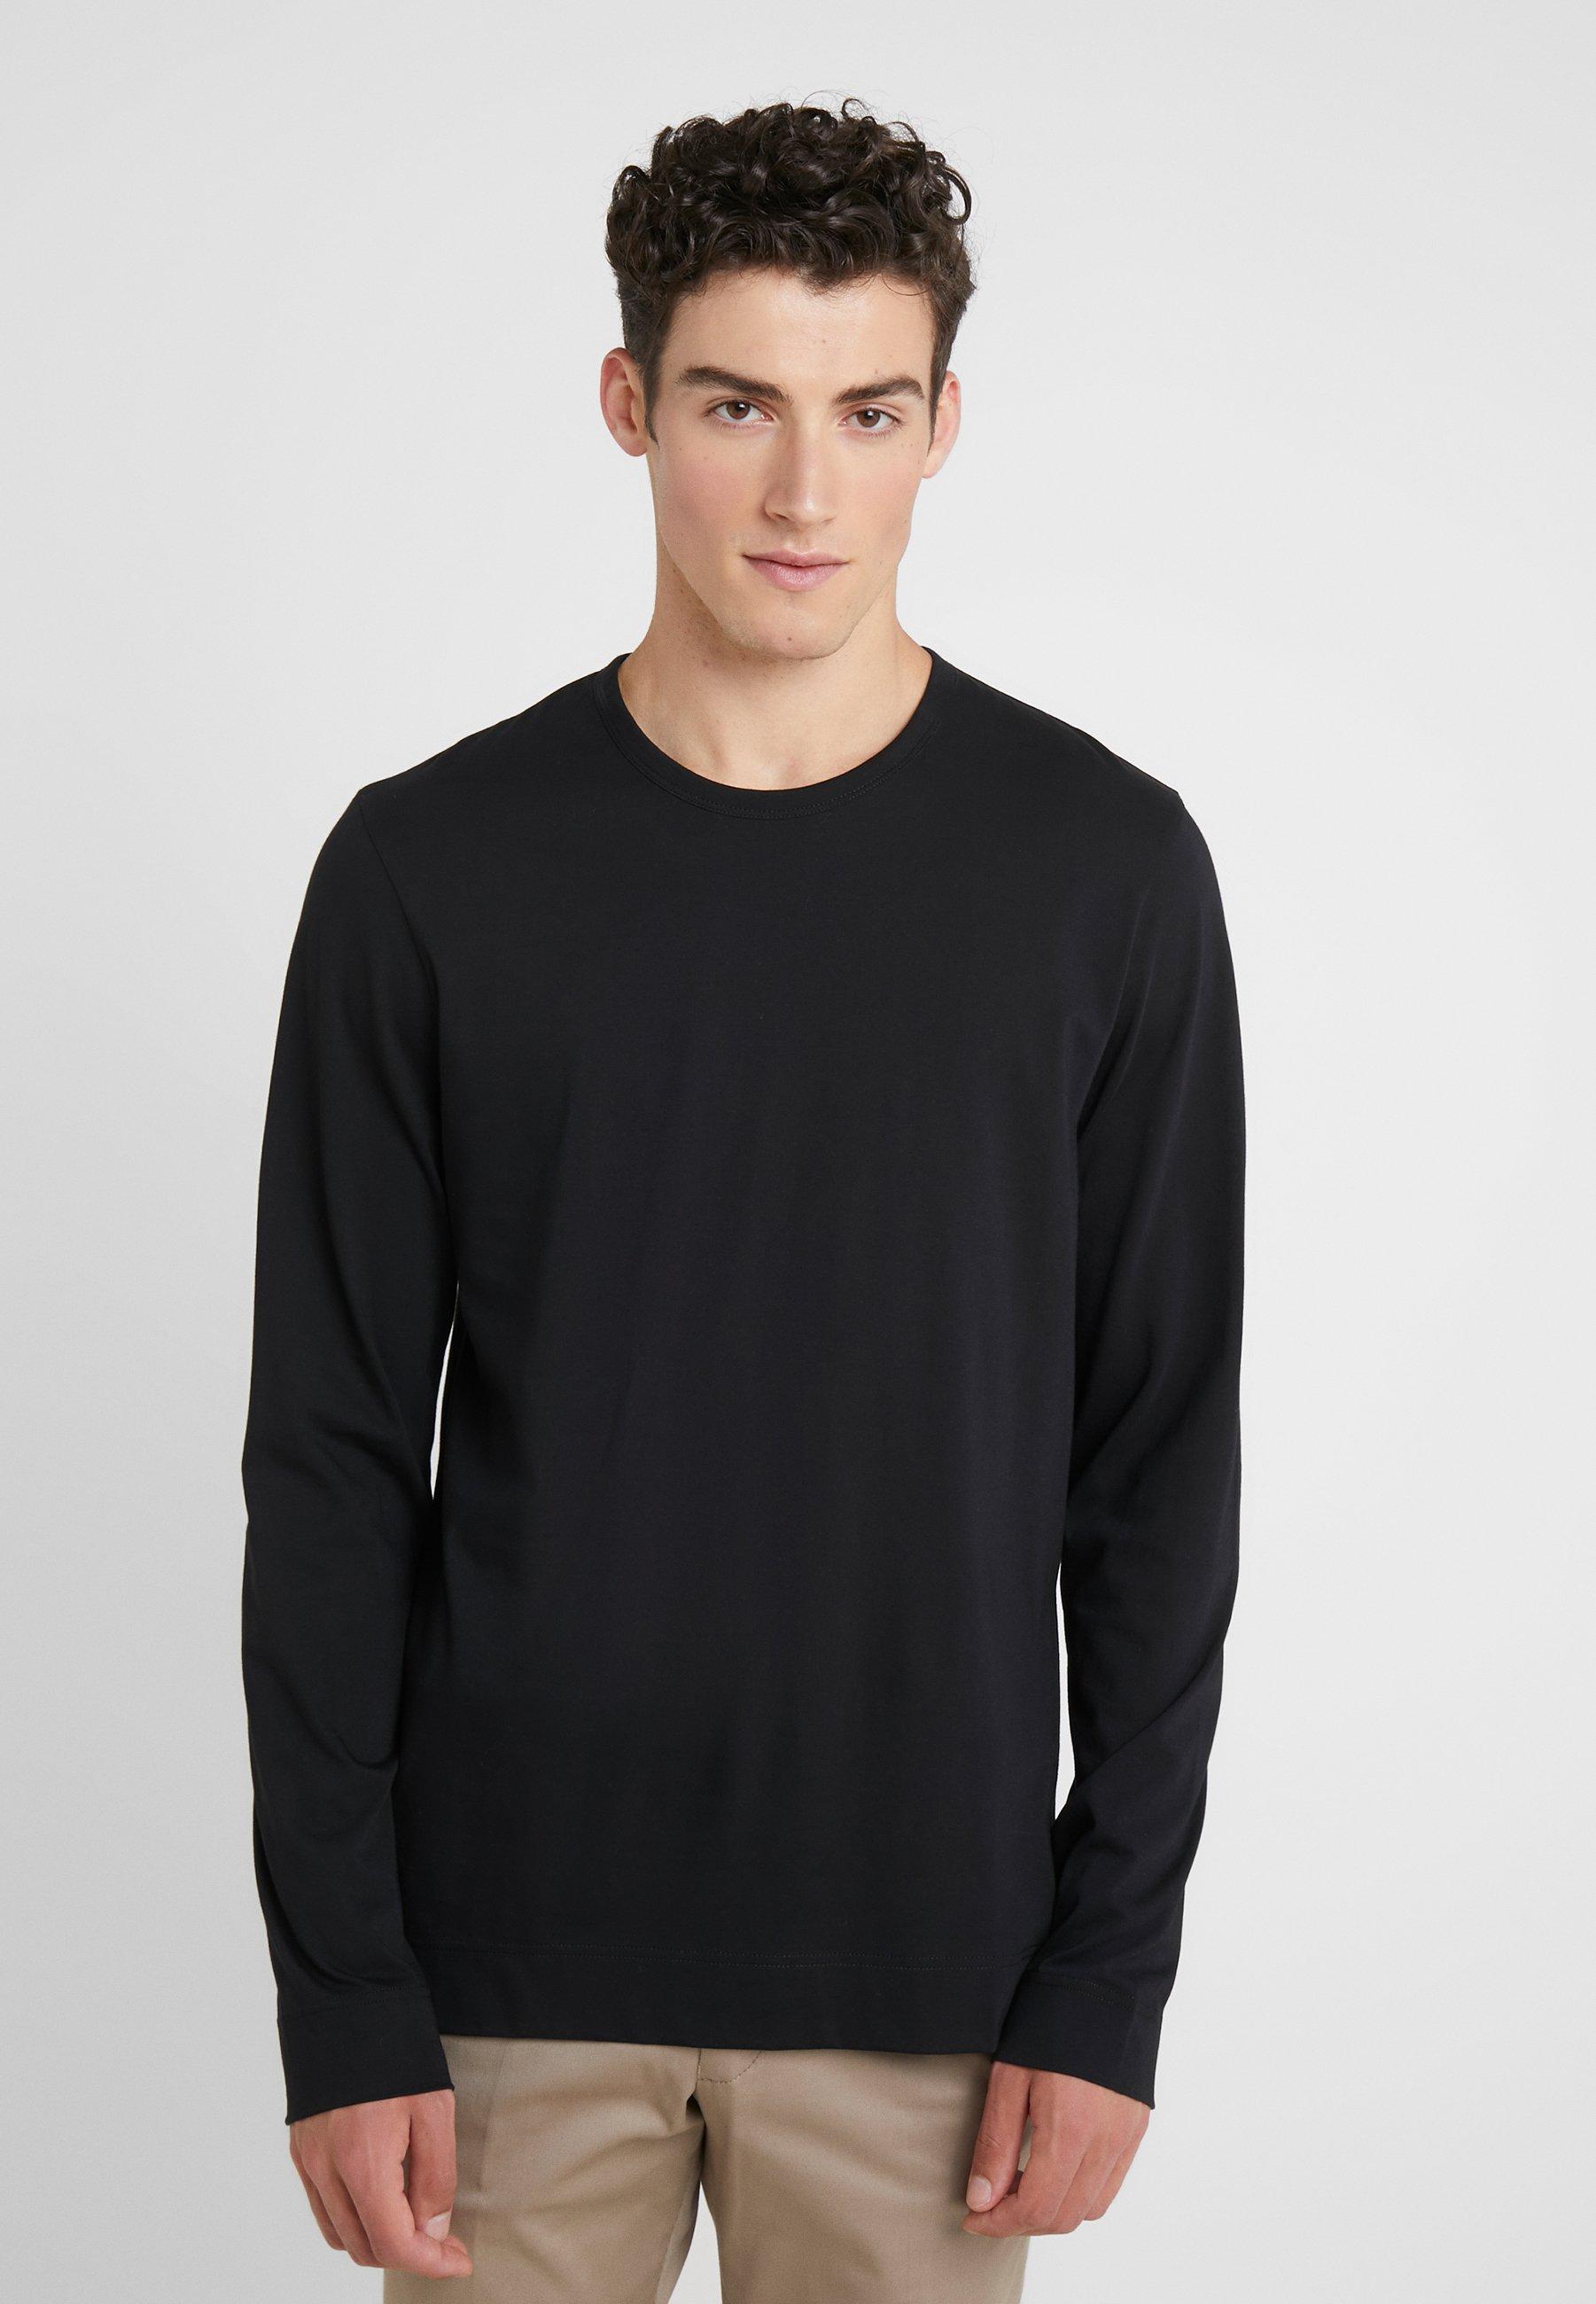 Joseph shirt Manches À MercerisedT Longues Crew Black nOP0wk